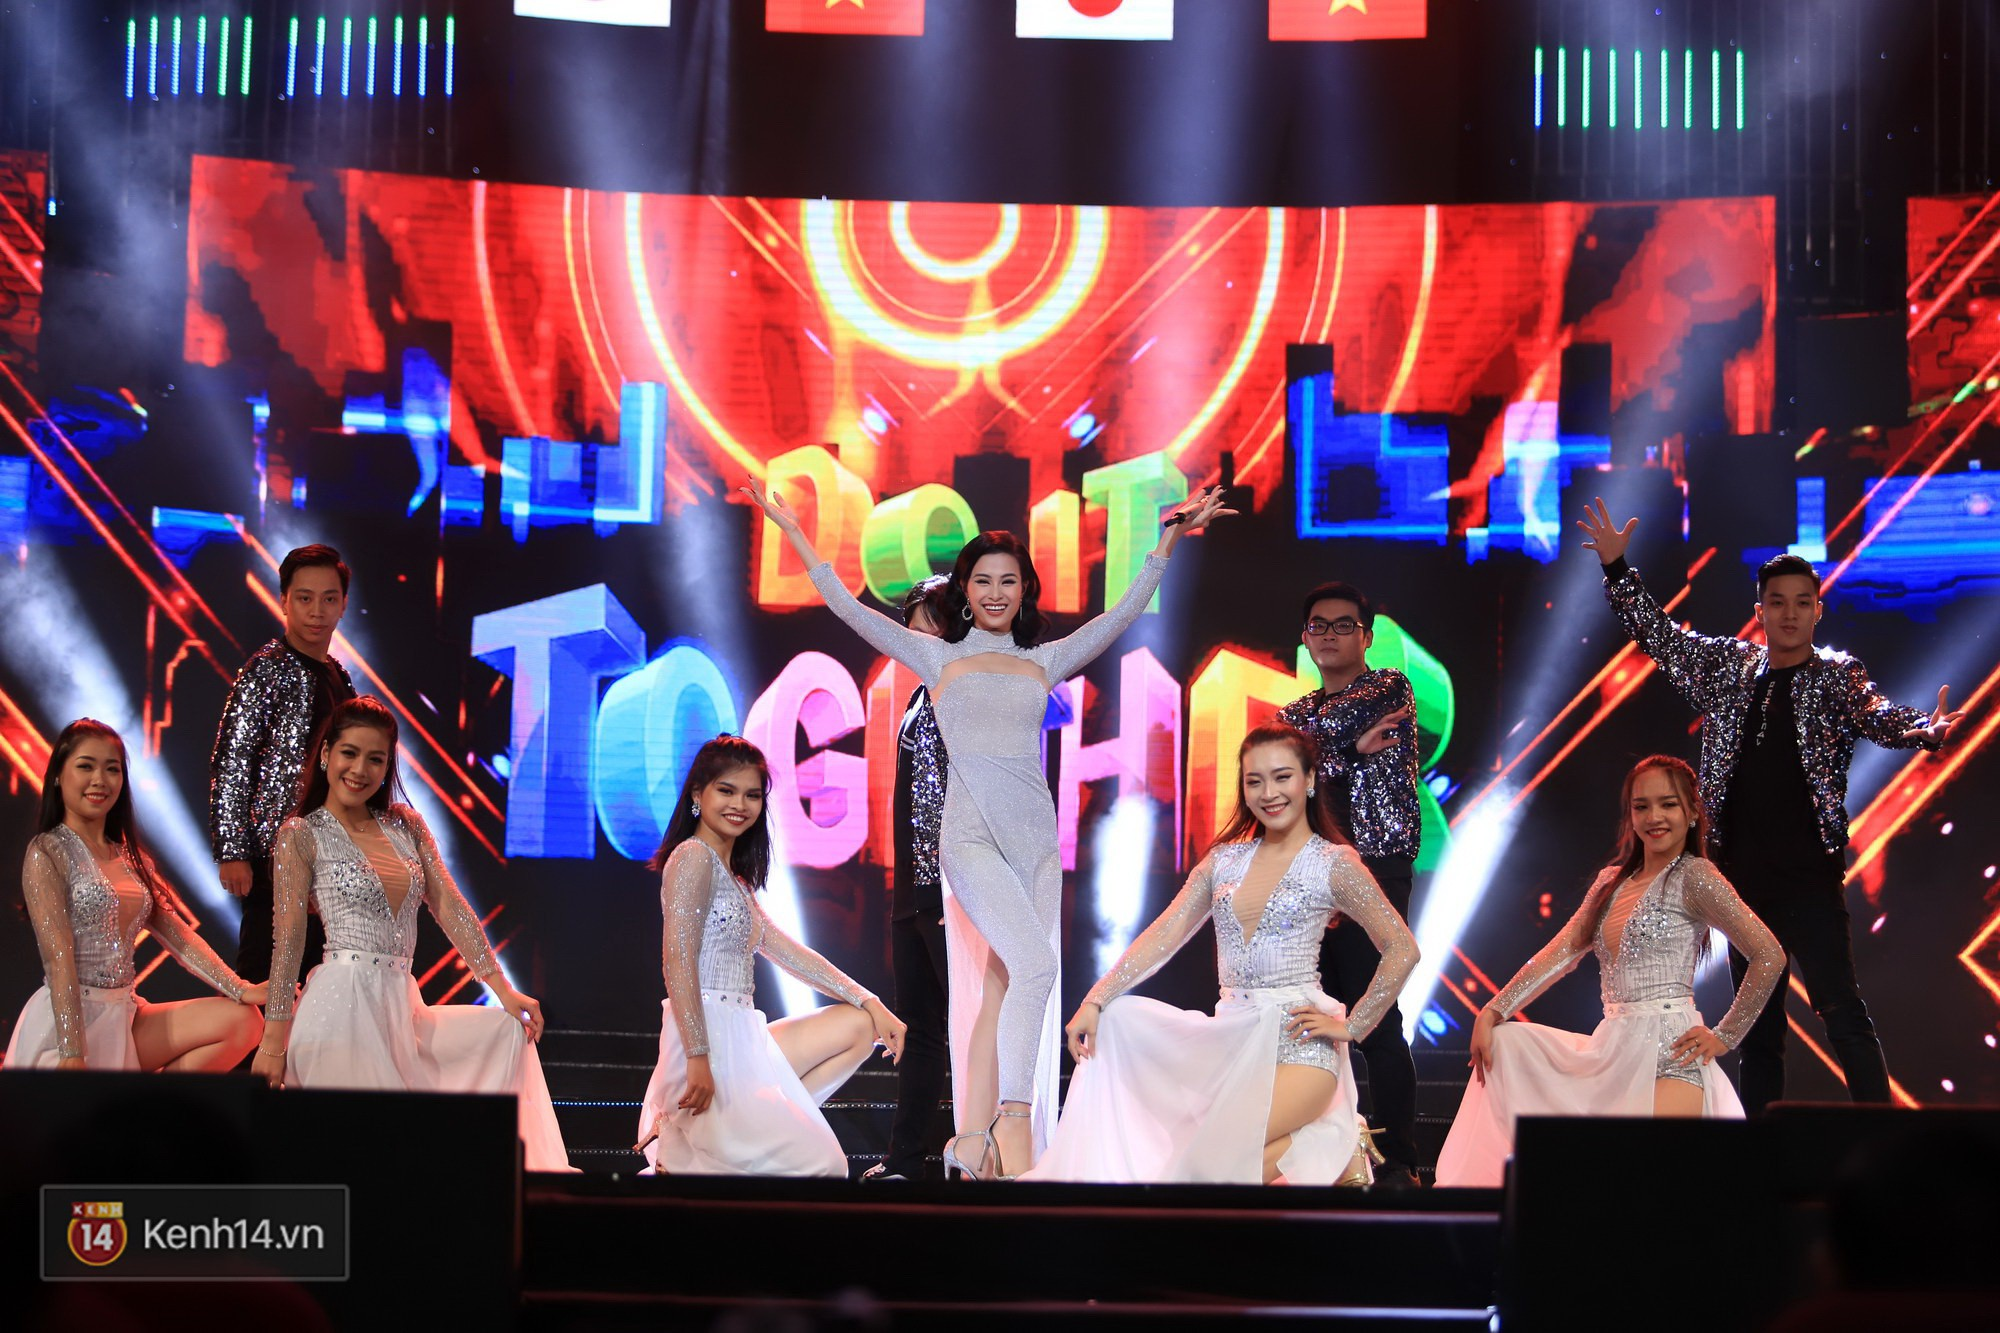 Clip: Đông Nhi và hiện tượng âm nhạc thế giới Bút dứa - Táo bút đốt cháy sân khấu bằng loạt hit đình đám - Ảnh 4.